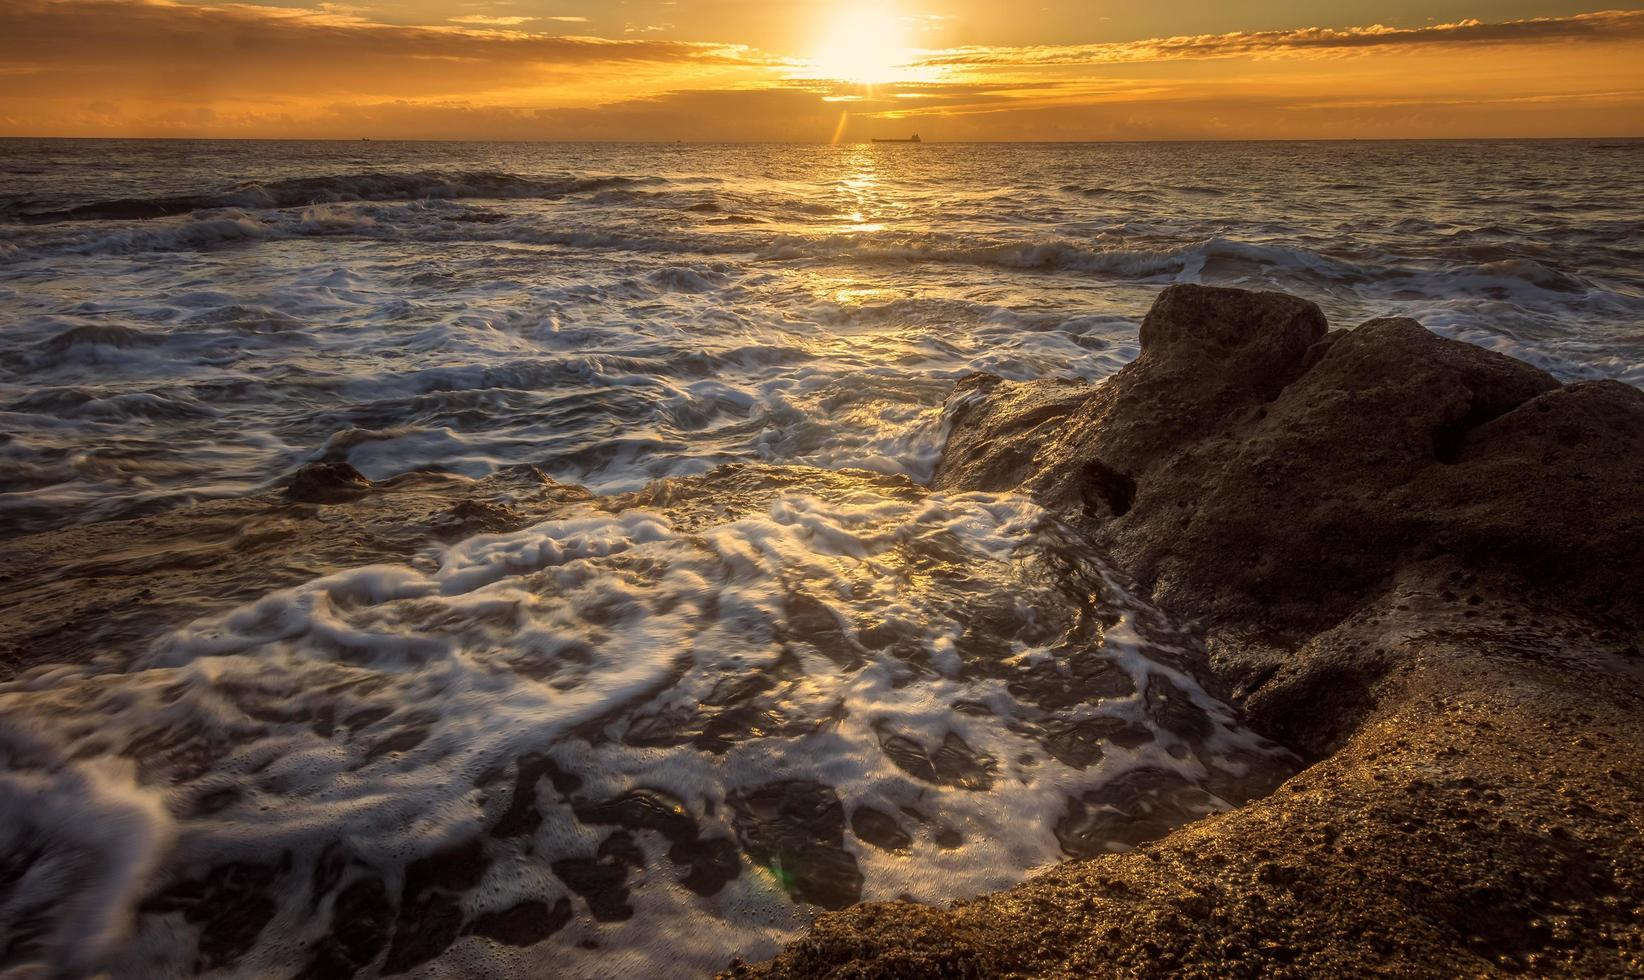 olas del mar rompiendo en la costa durante el atardecer foto